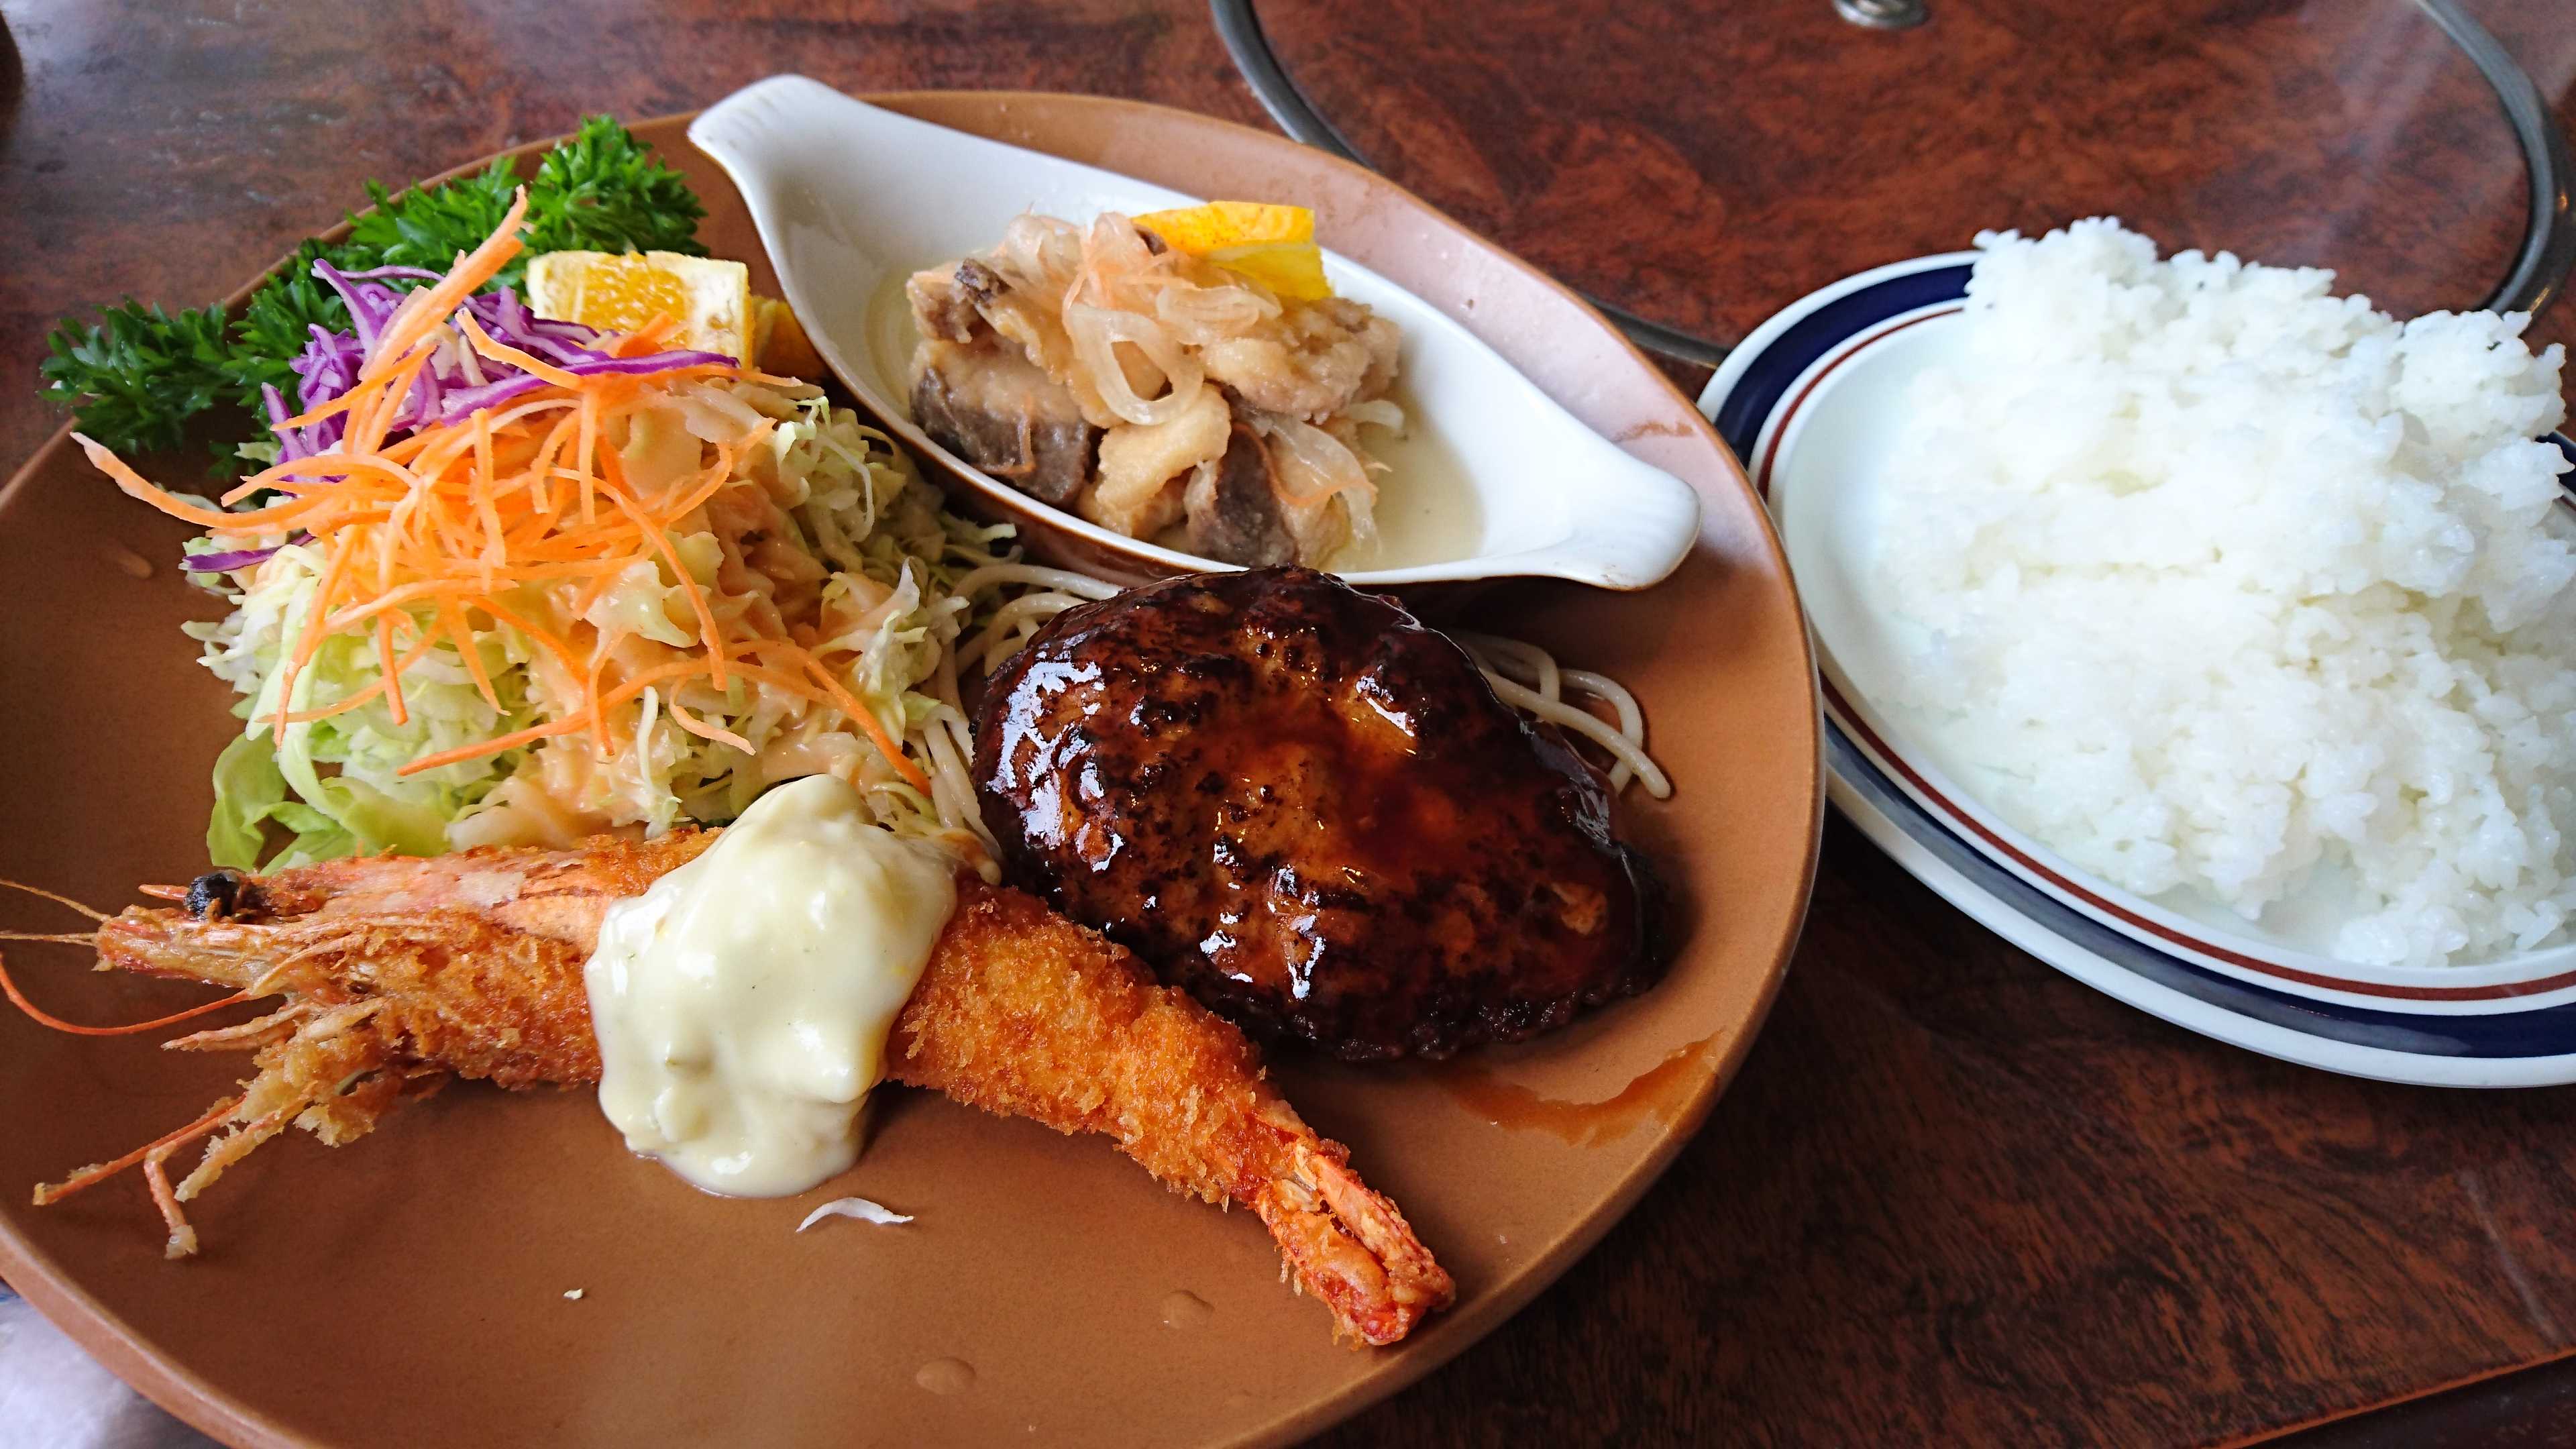 西条市にある20年以上続く老舗洋食屋「れすとらん長崎屋」のサービスランチがお得!!